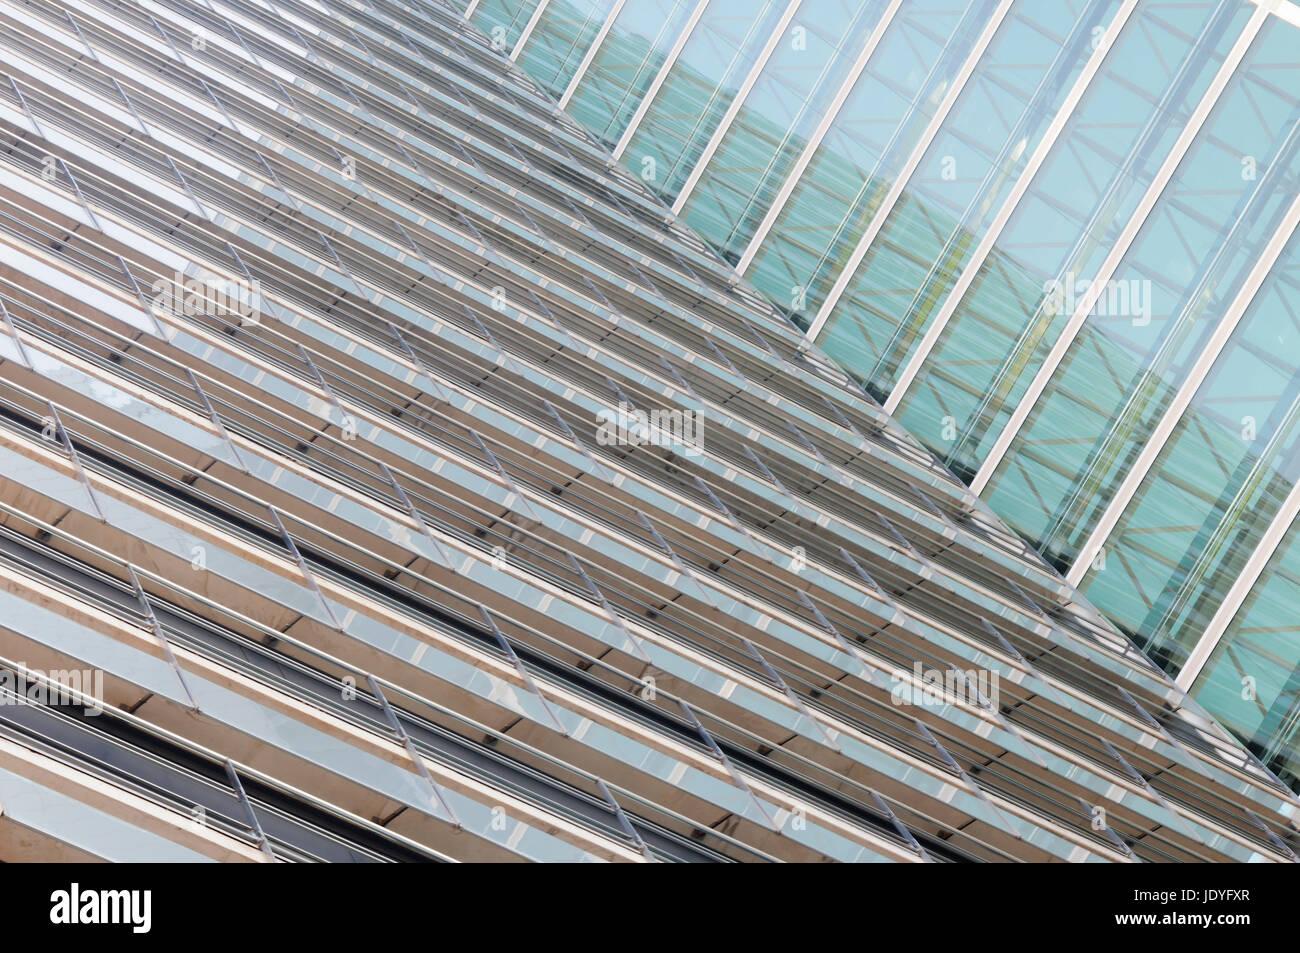 Abstrakter Hintergrund von Einer Glasfassade der modernen Architektur. Stockbild